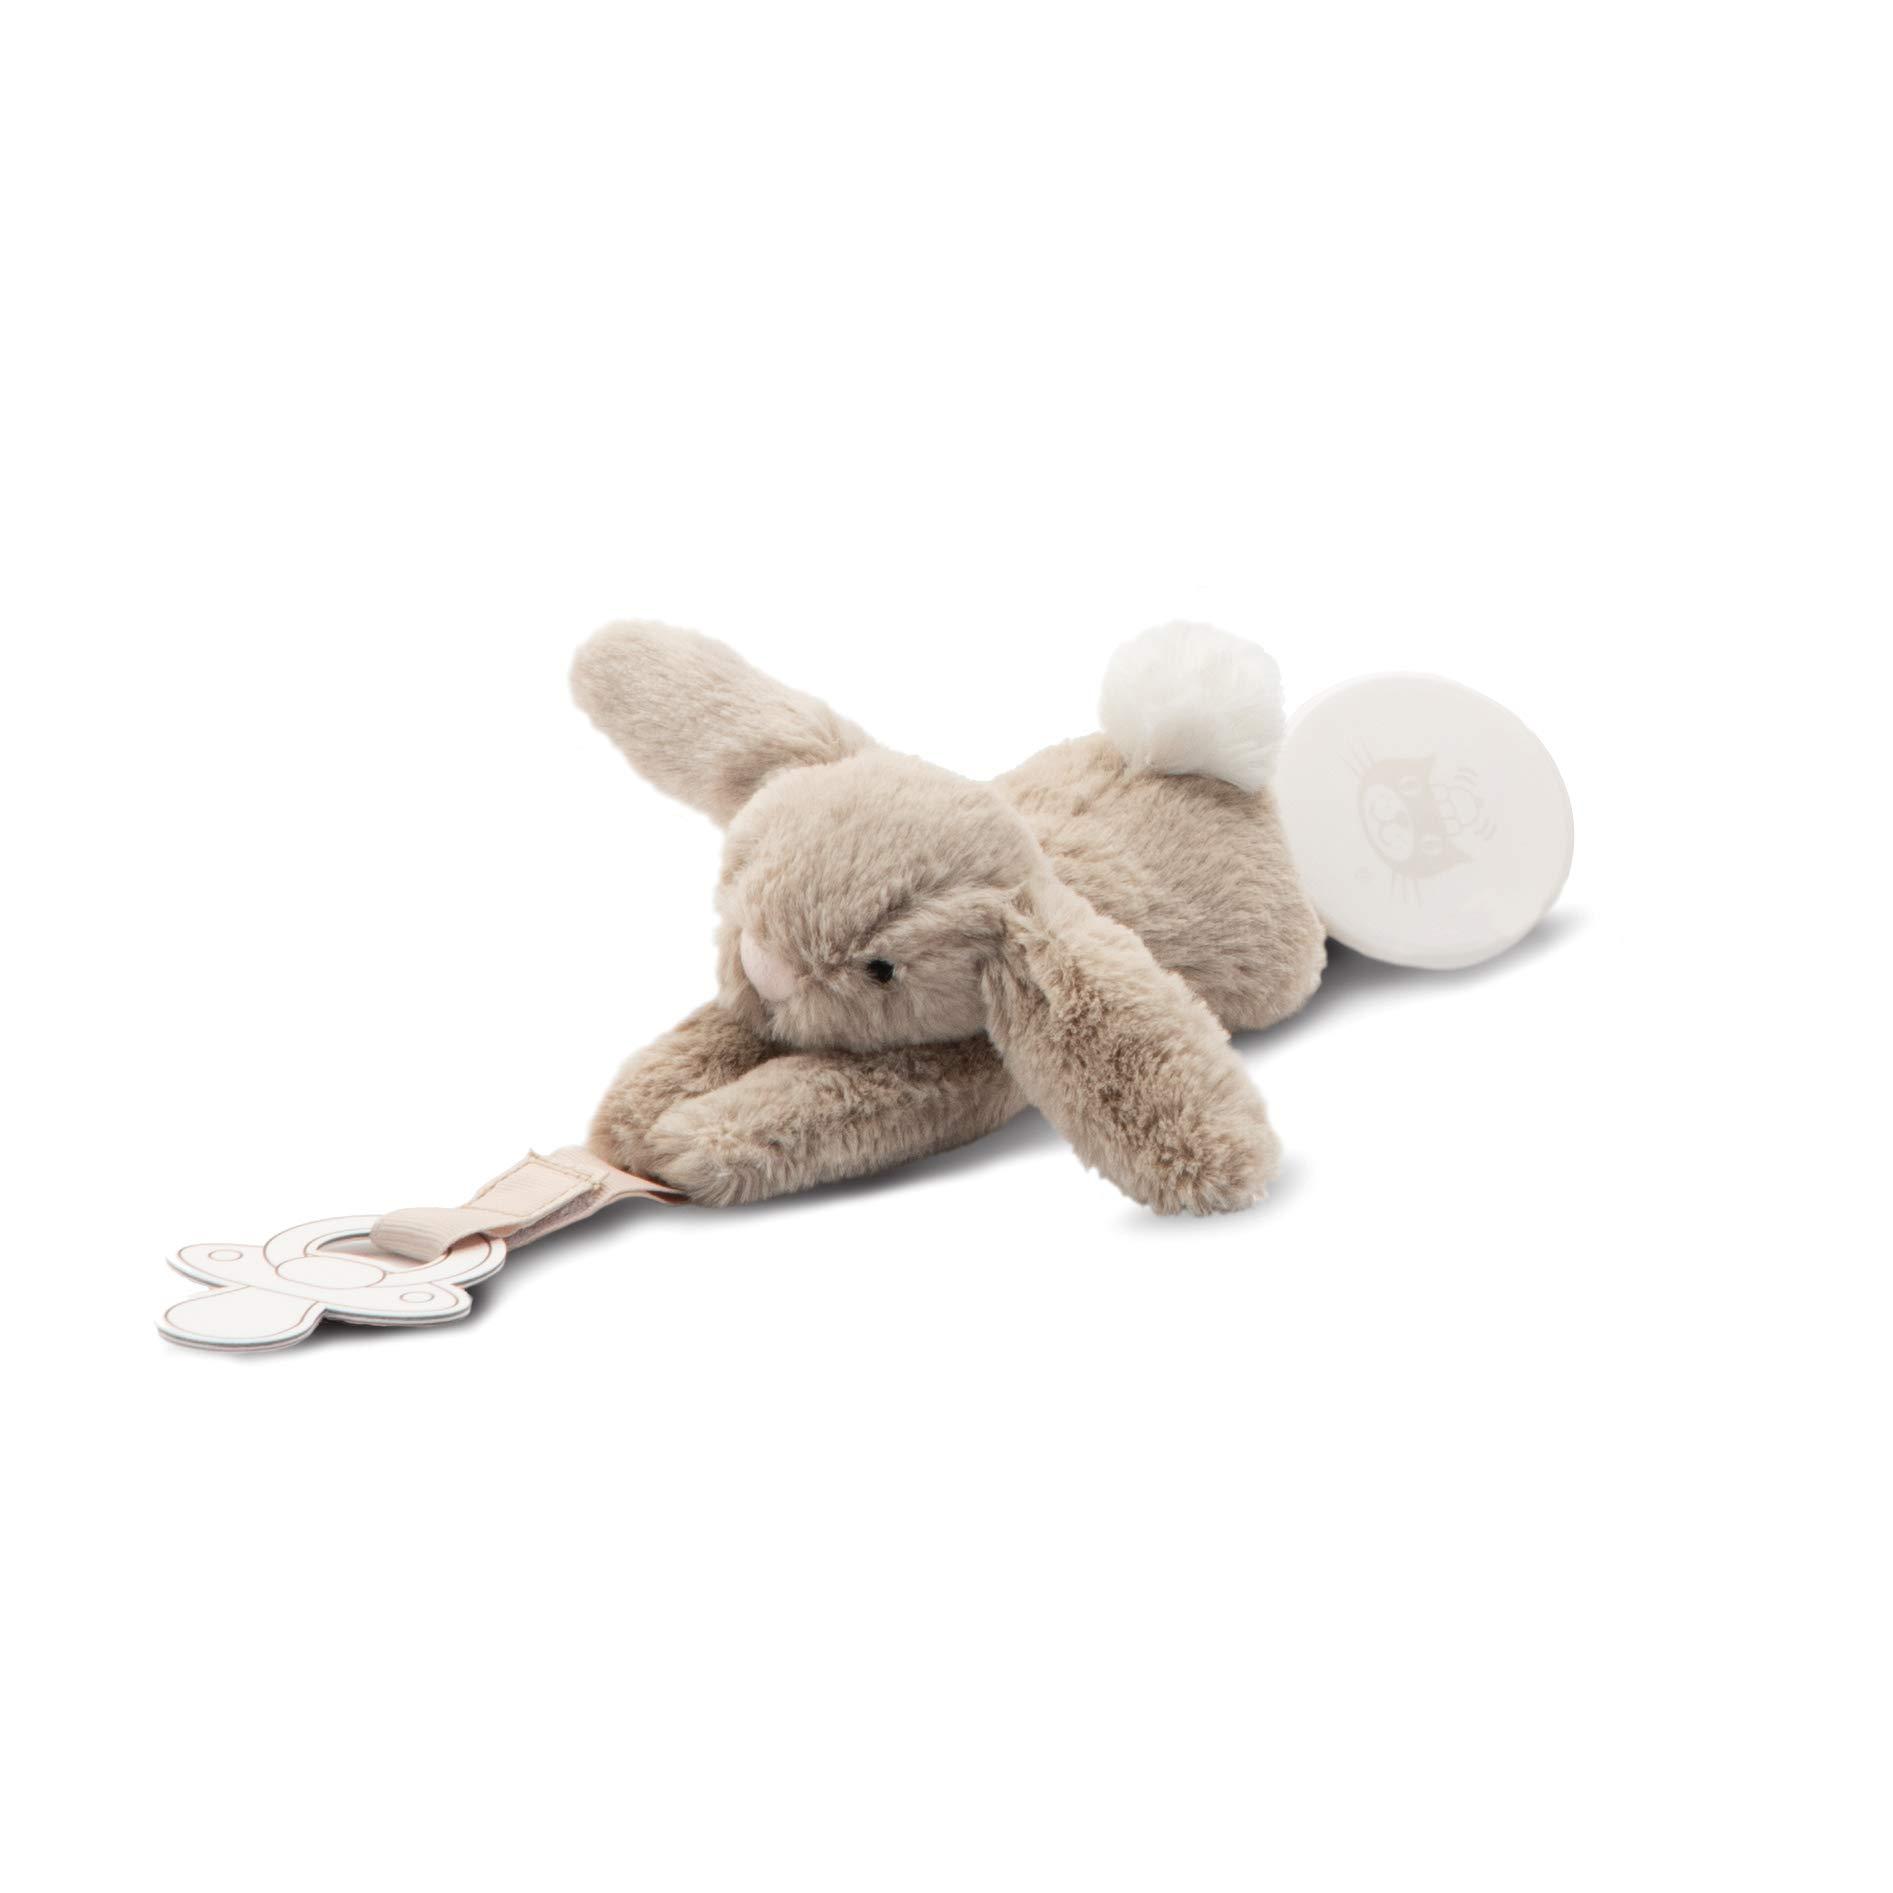 Bashful Beige Bunny Pacifier Clip by Jellycat